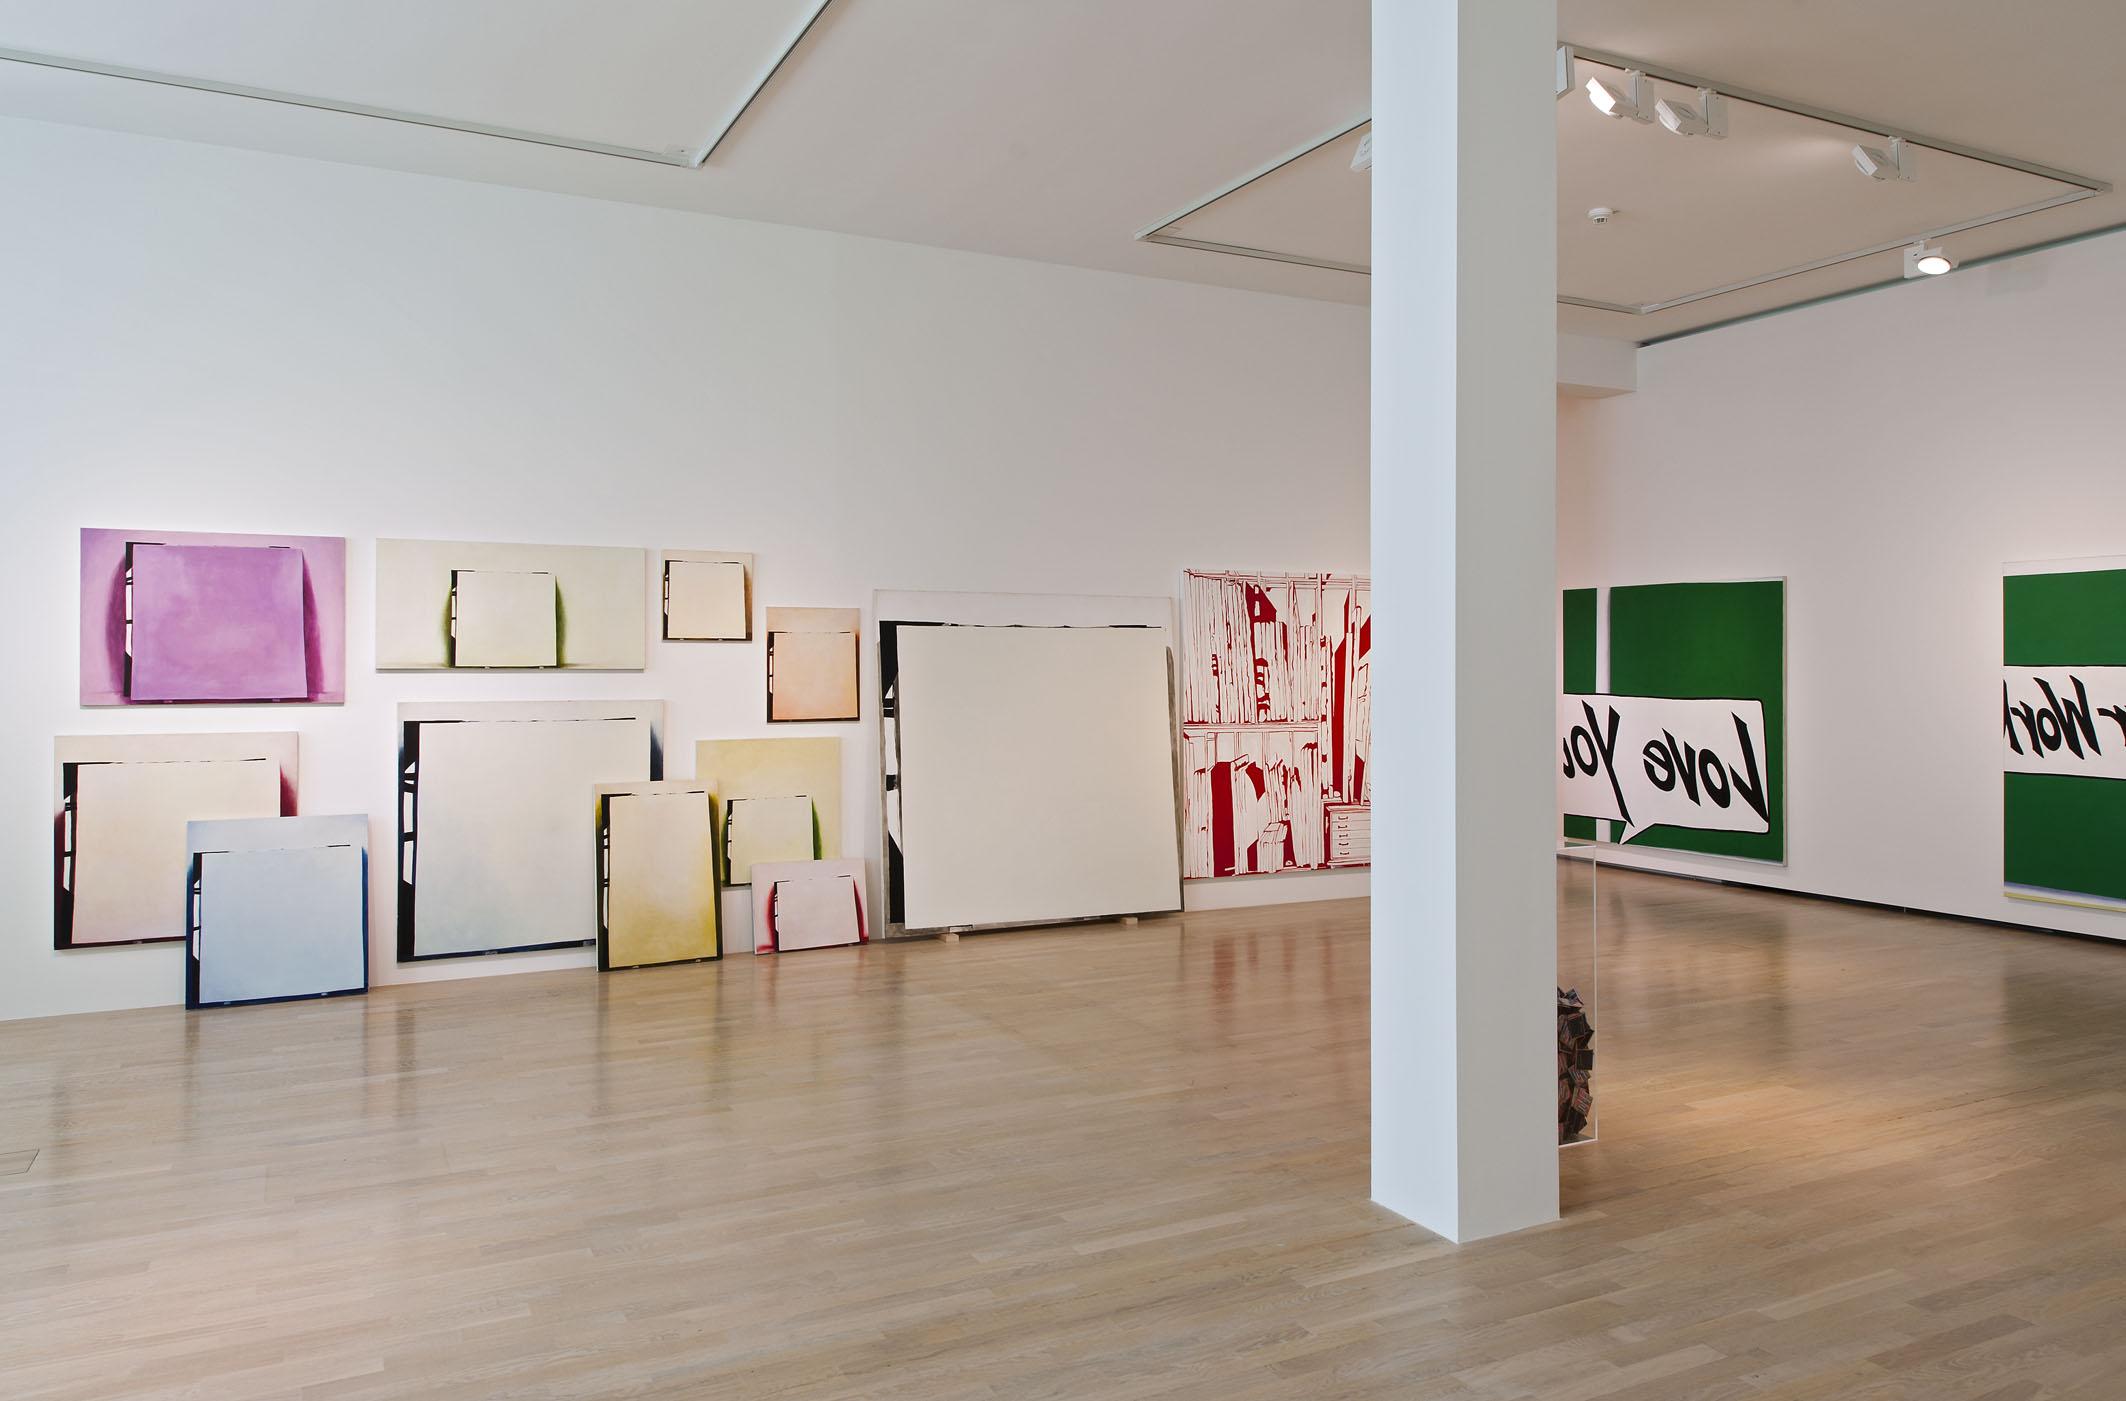 15_2016_Feinstein##Ausstellung_Lenbachhaus_001.jpg